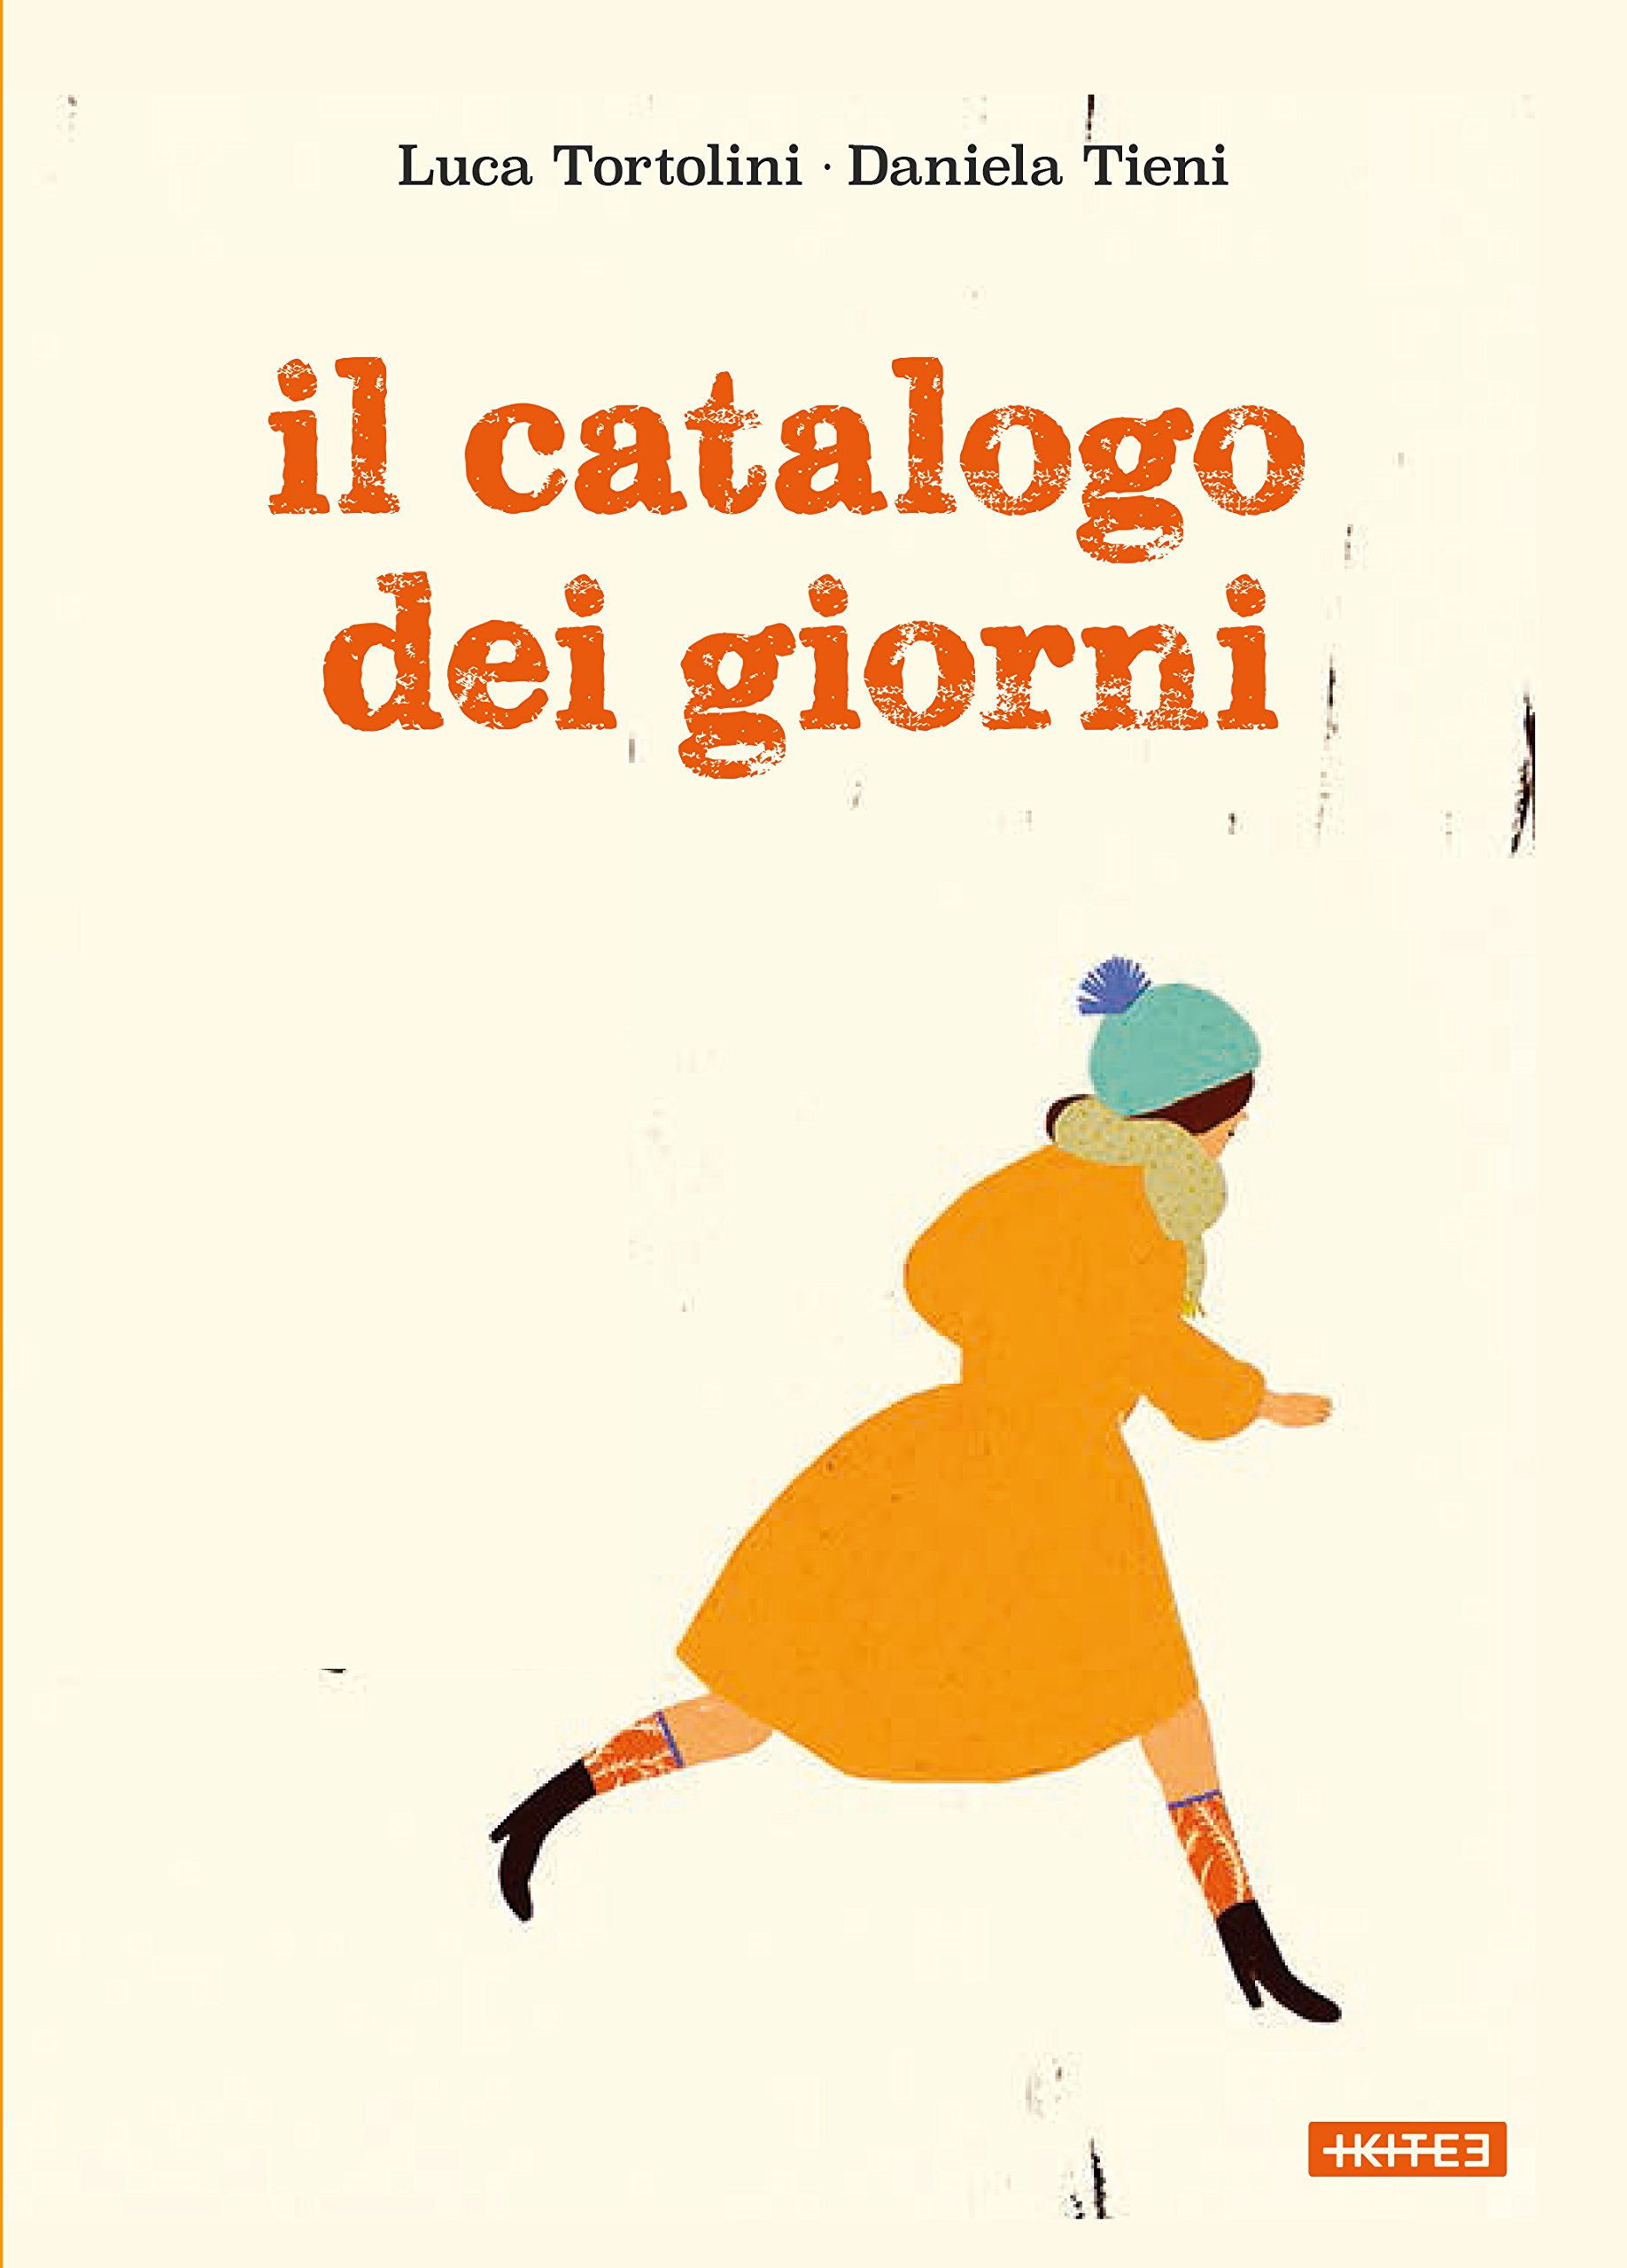 Il catalogo dei giorni – Luca Tortolini e Daniela Tieni